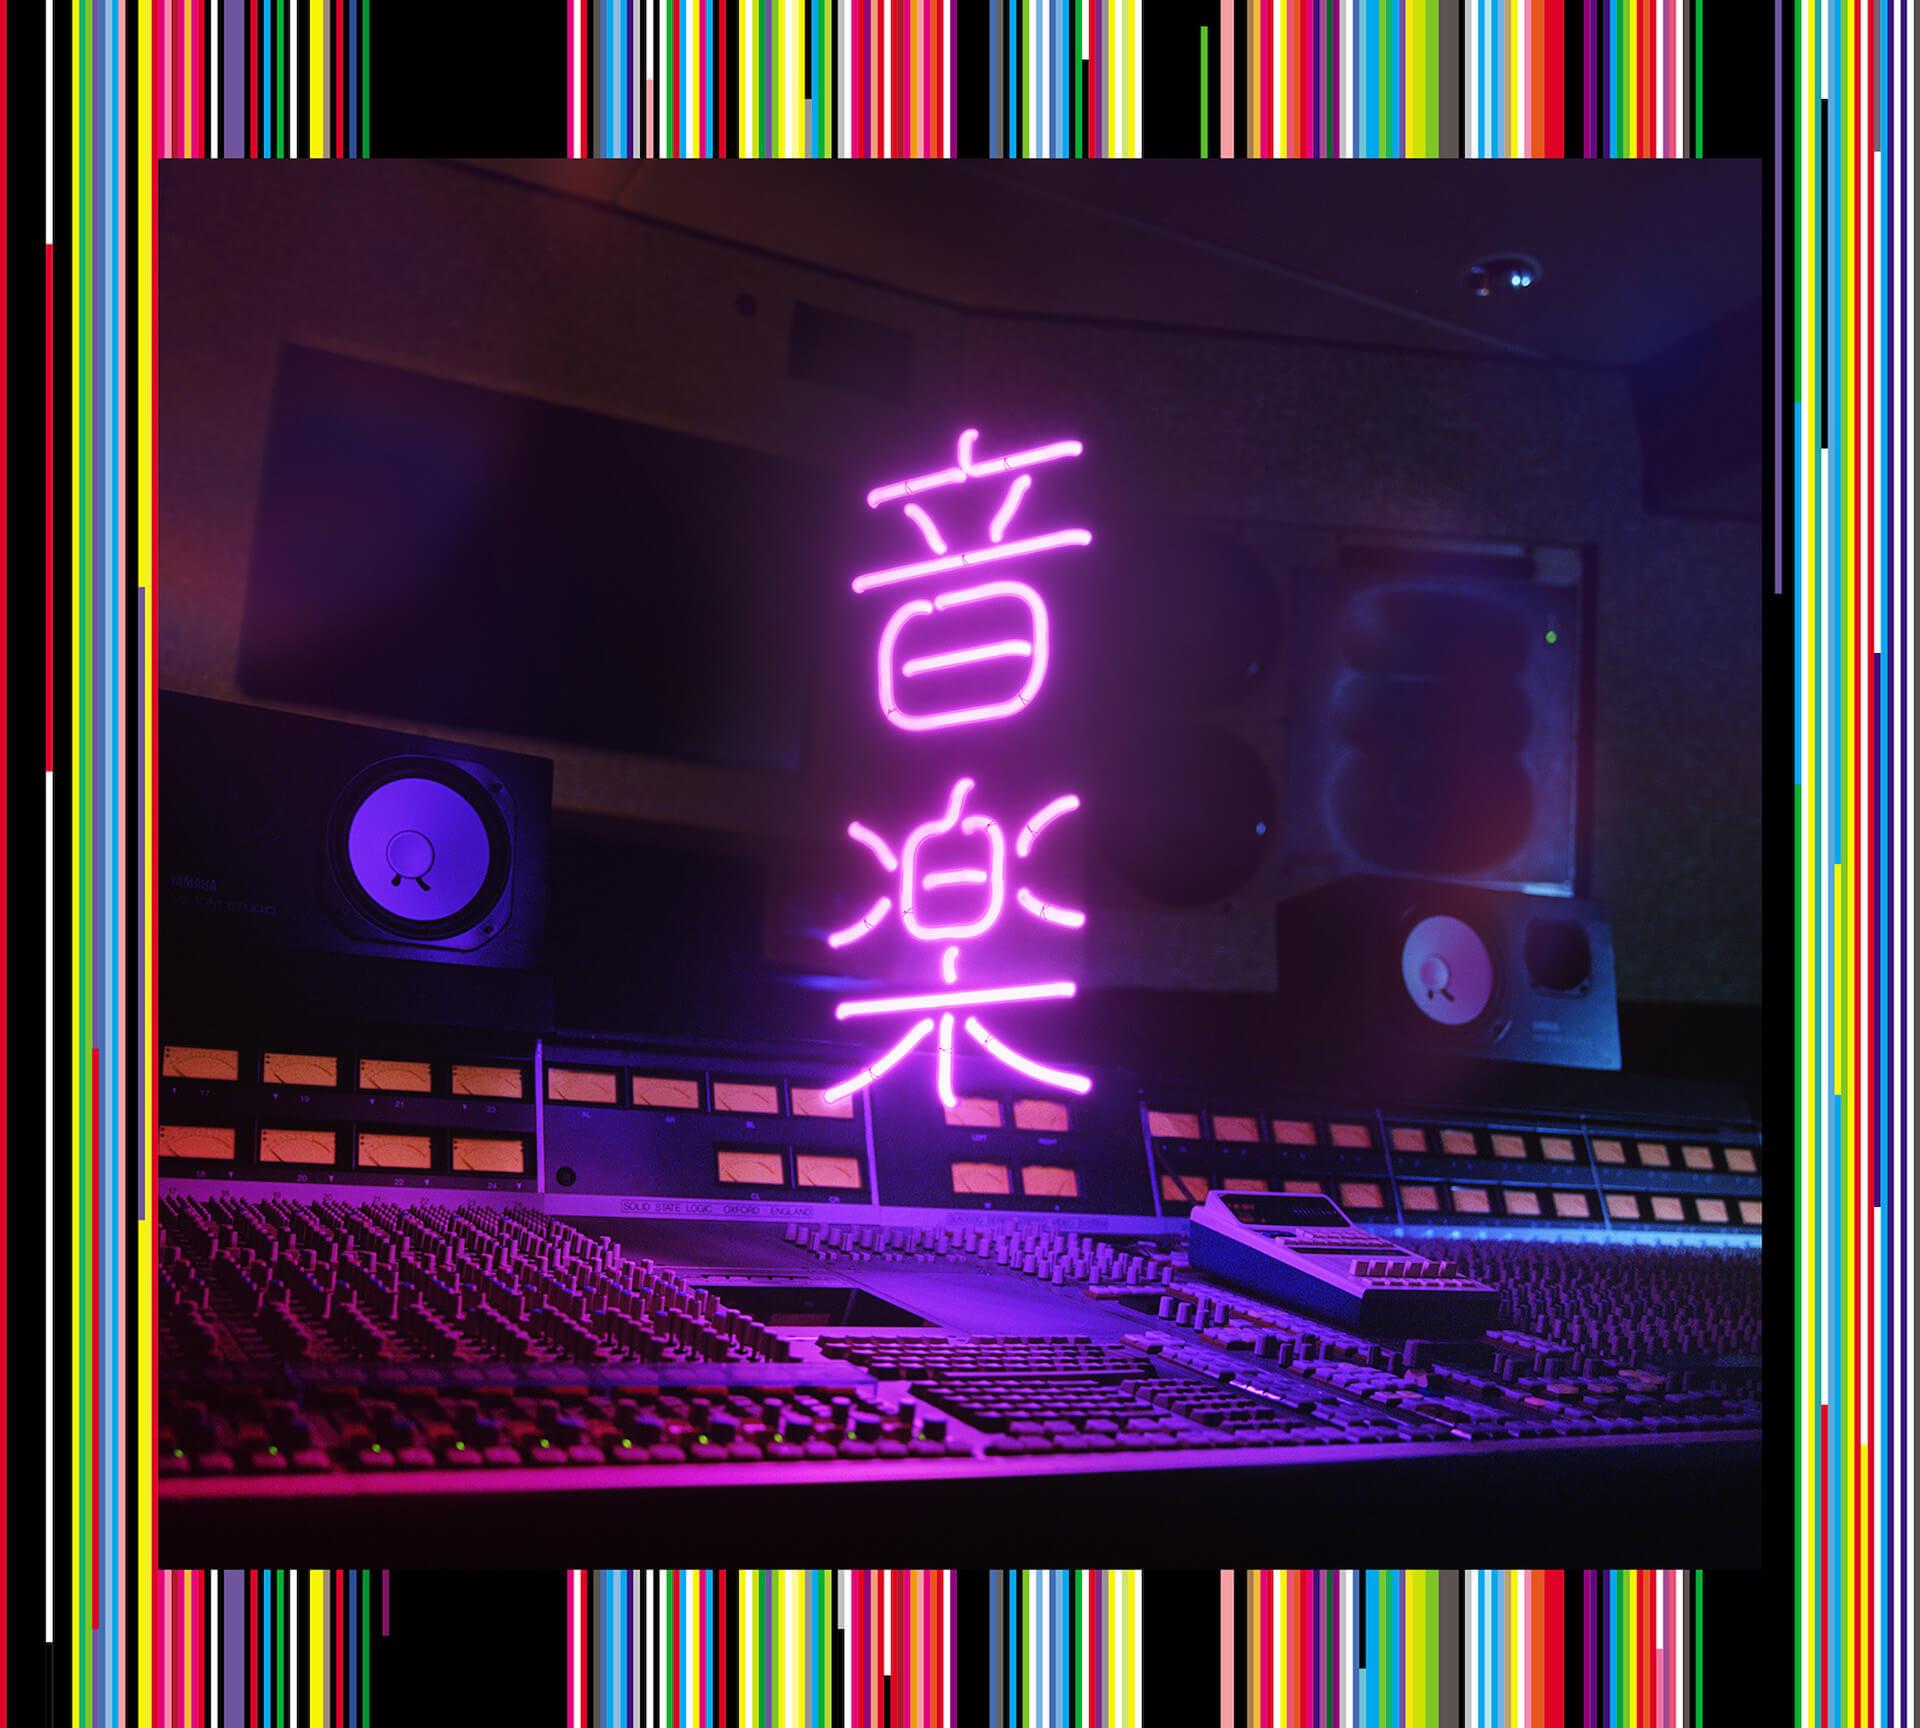 東京事変『音楽』リリース記念のYouTubeプログラム「東京事変の花金ナイト」第2弾は伊澤一葉のトレーニンgood!『変ジャム 森羅万SHOW』後編も今週放送 music210617_tokyoincident_3